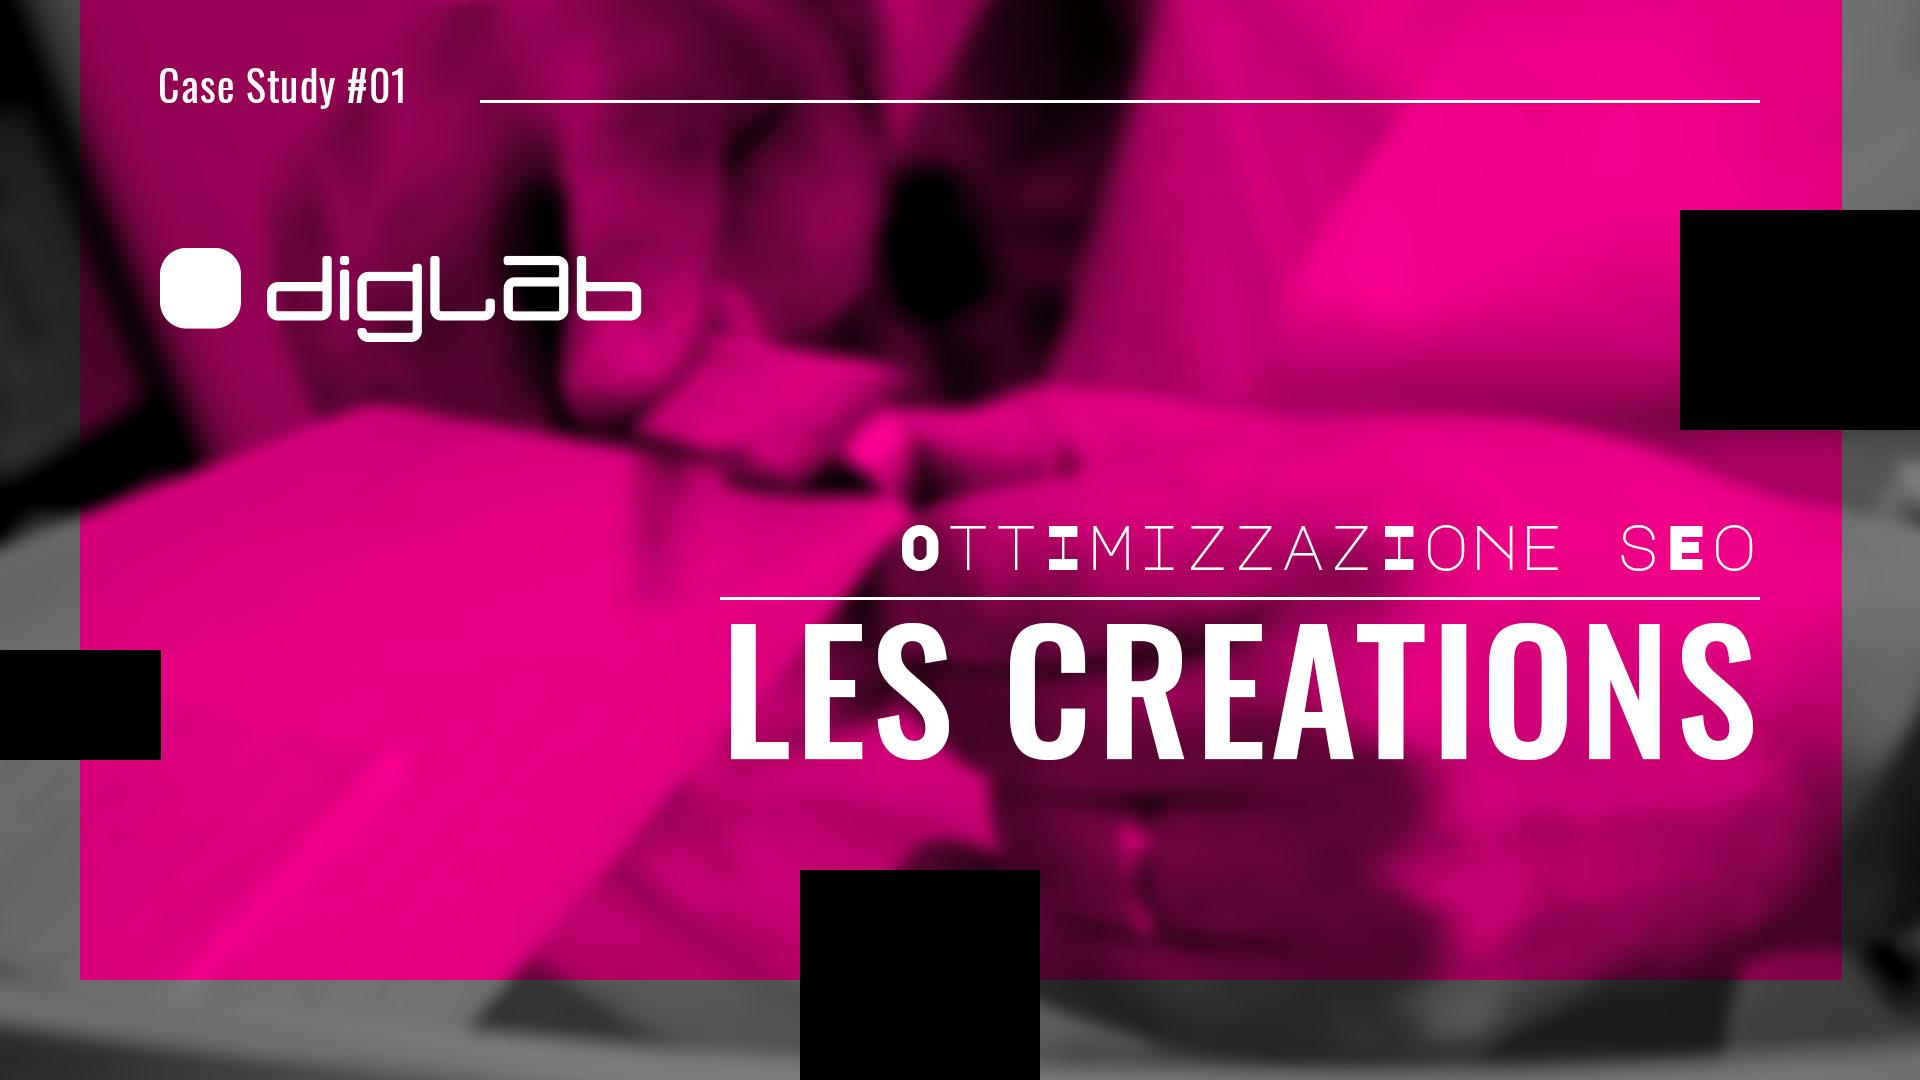 Ottimizzazione-SEO-Les-Creations